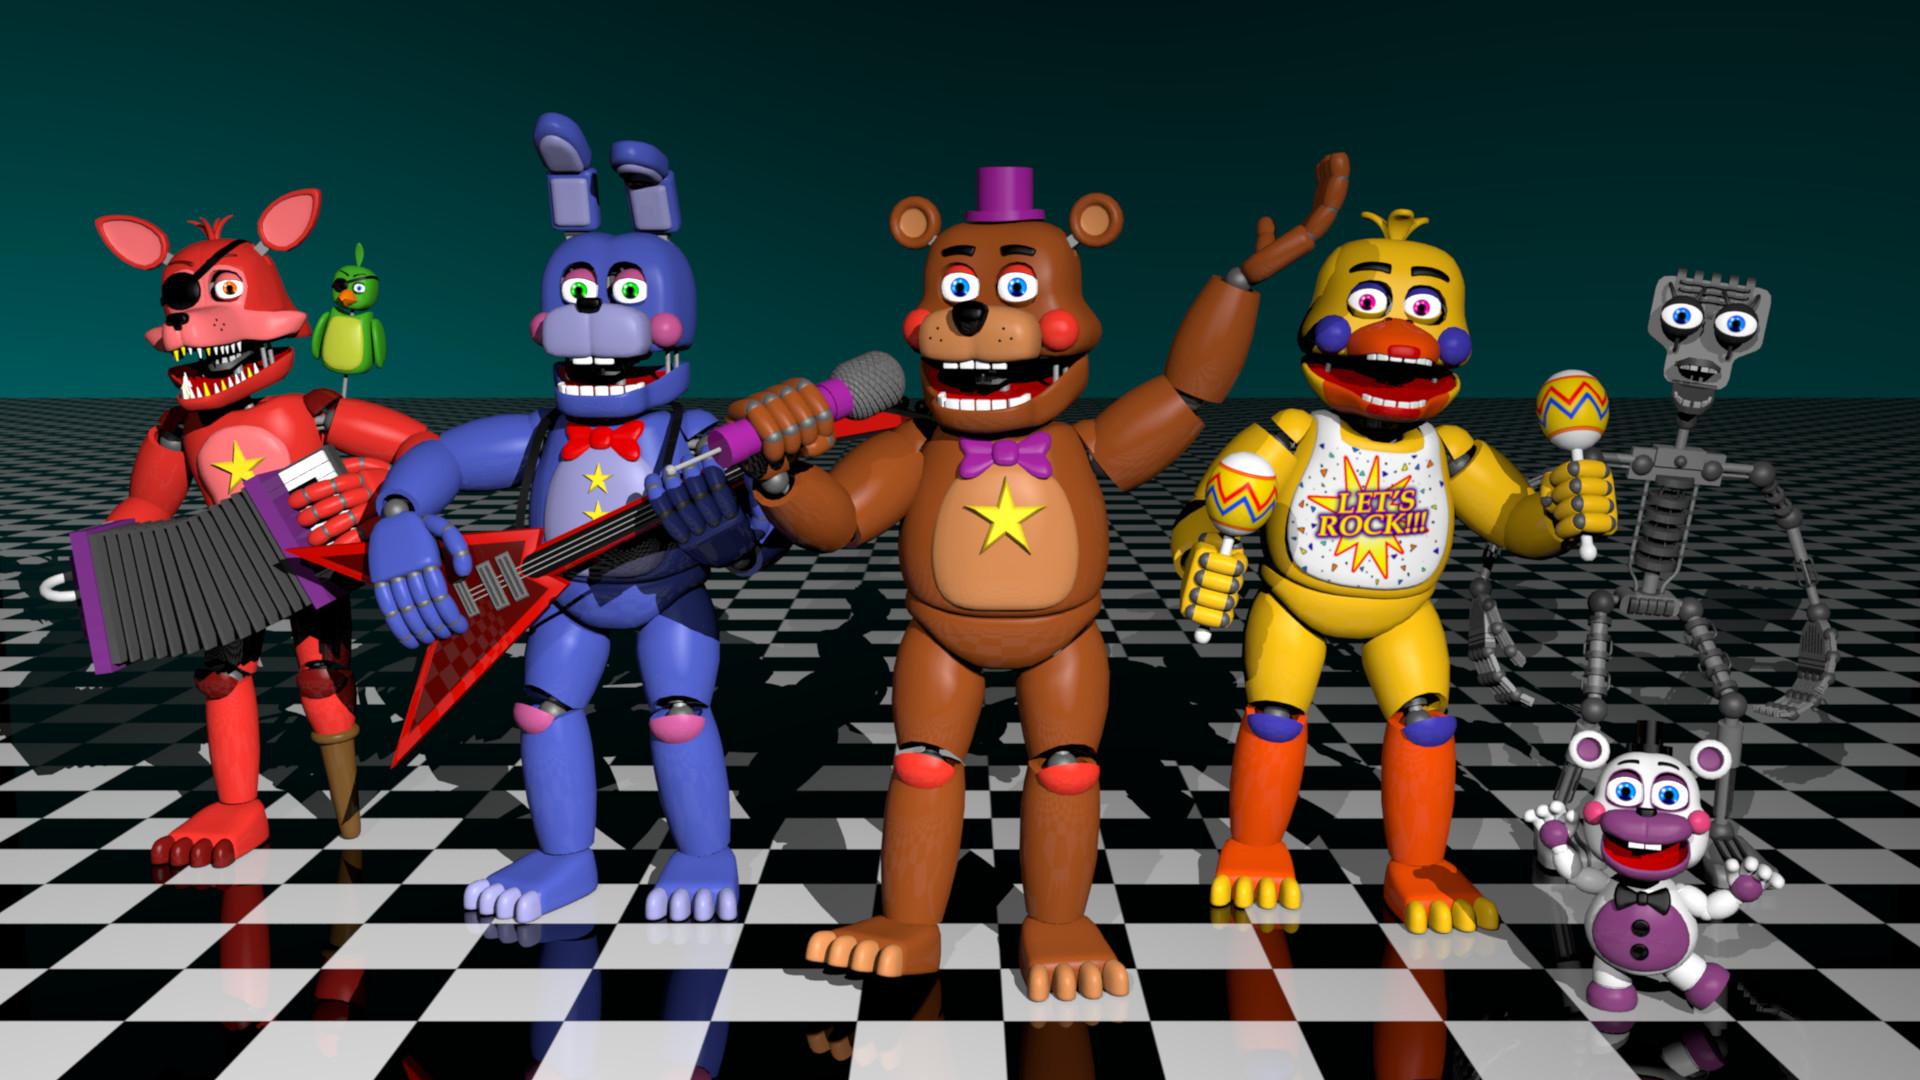 ArtStation - Freddy Fazbear's Pizzeria Simulator Fan-Made Rockstar